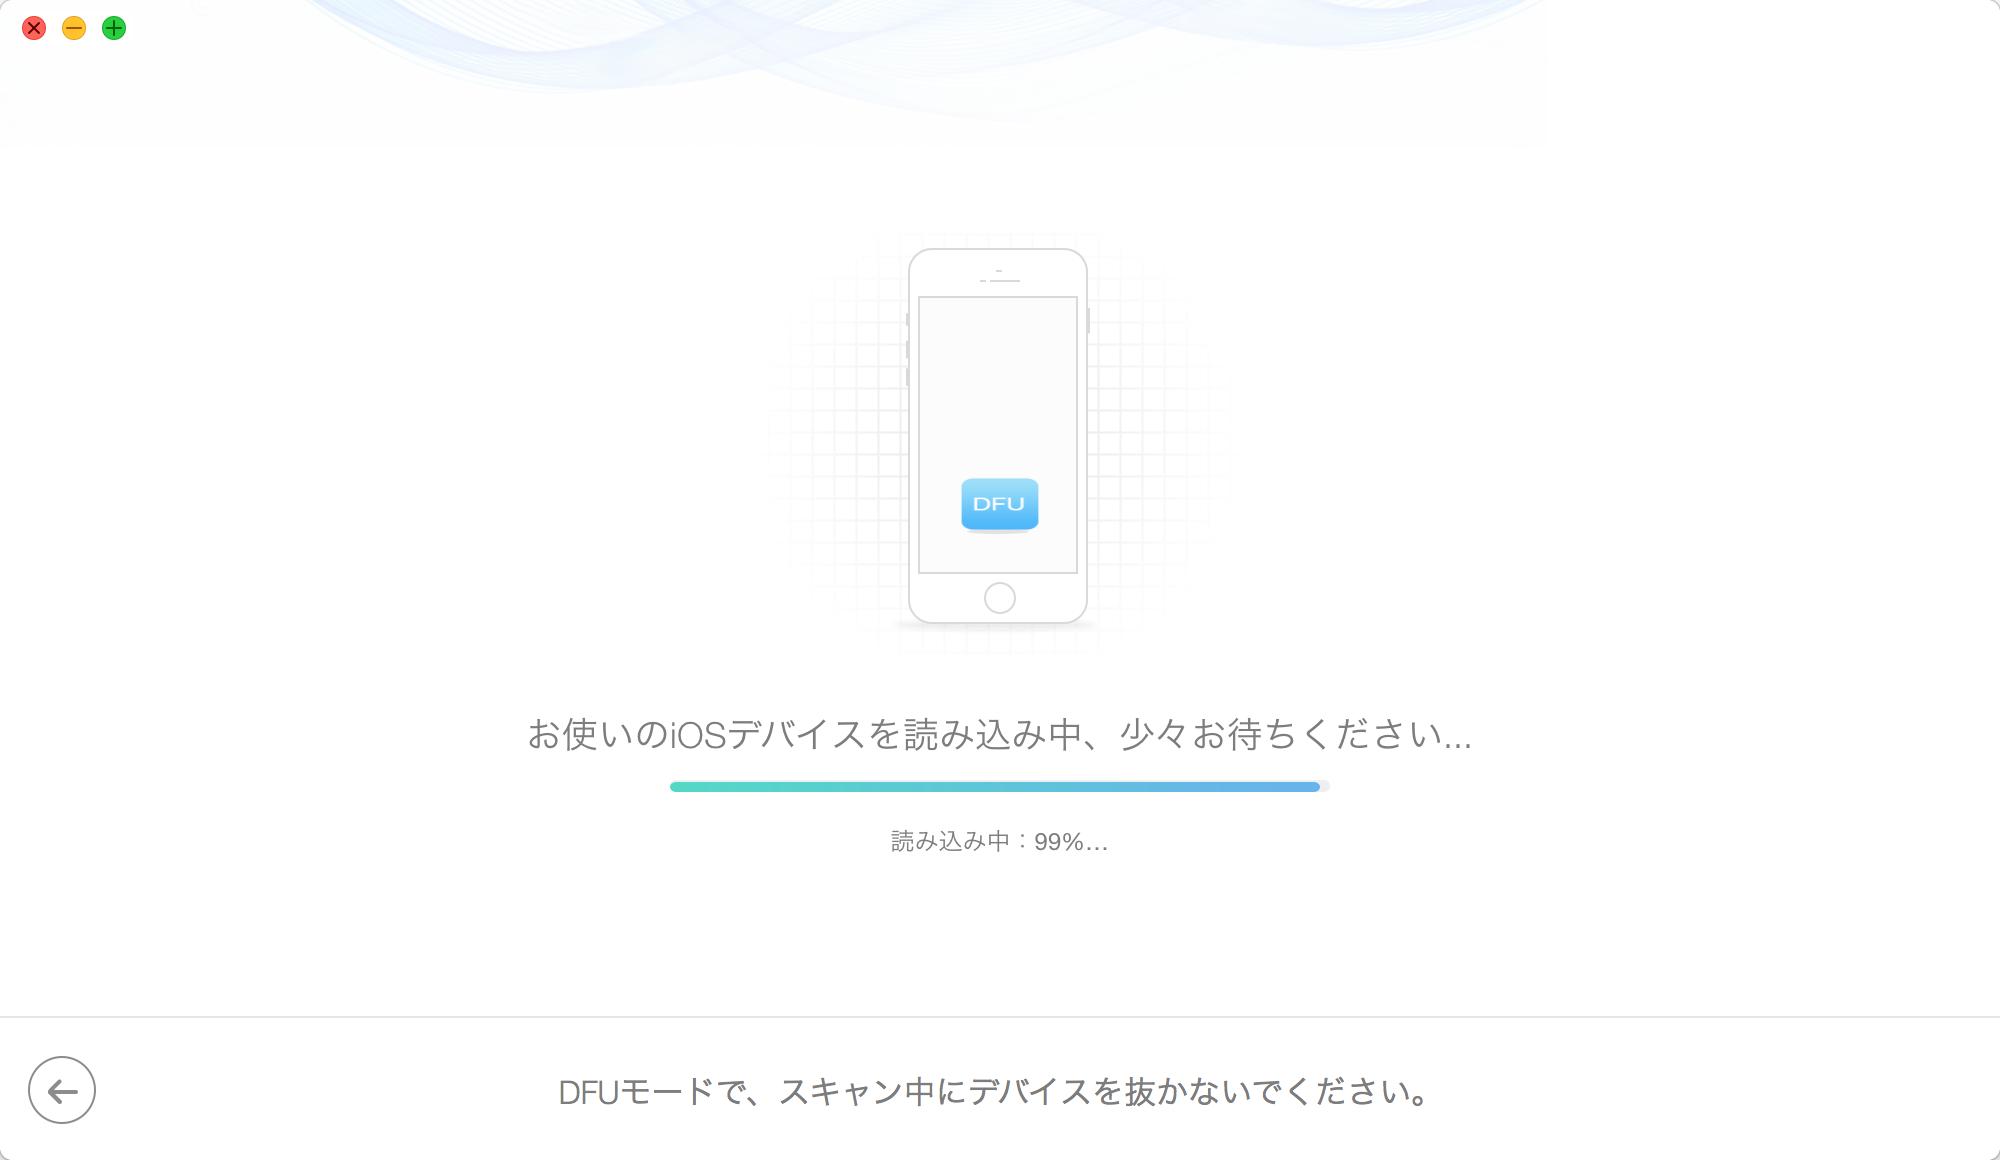 デバイスに接続する